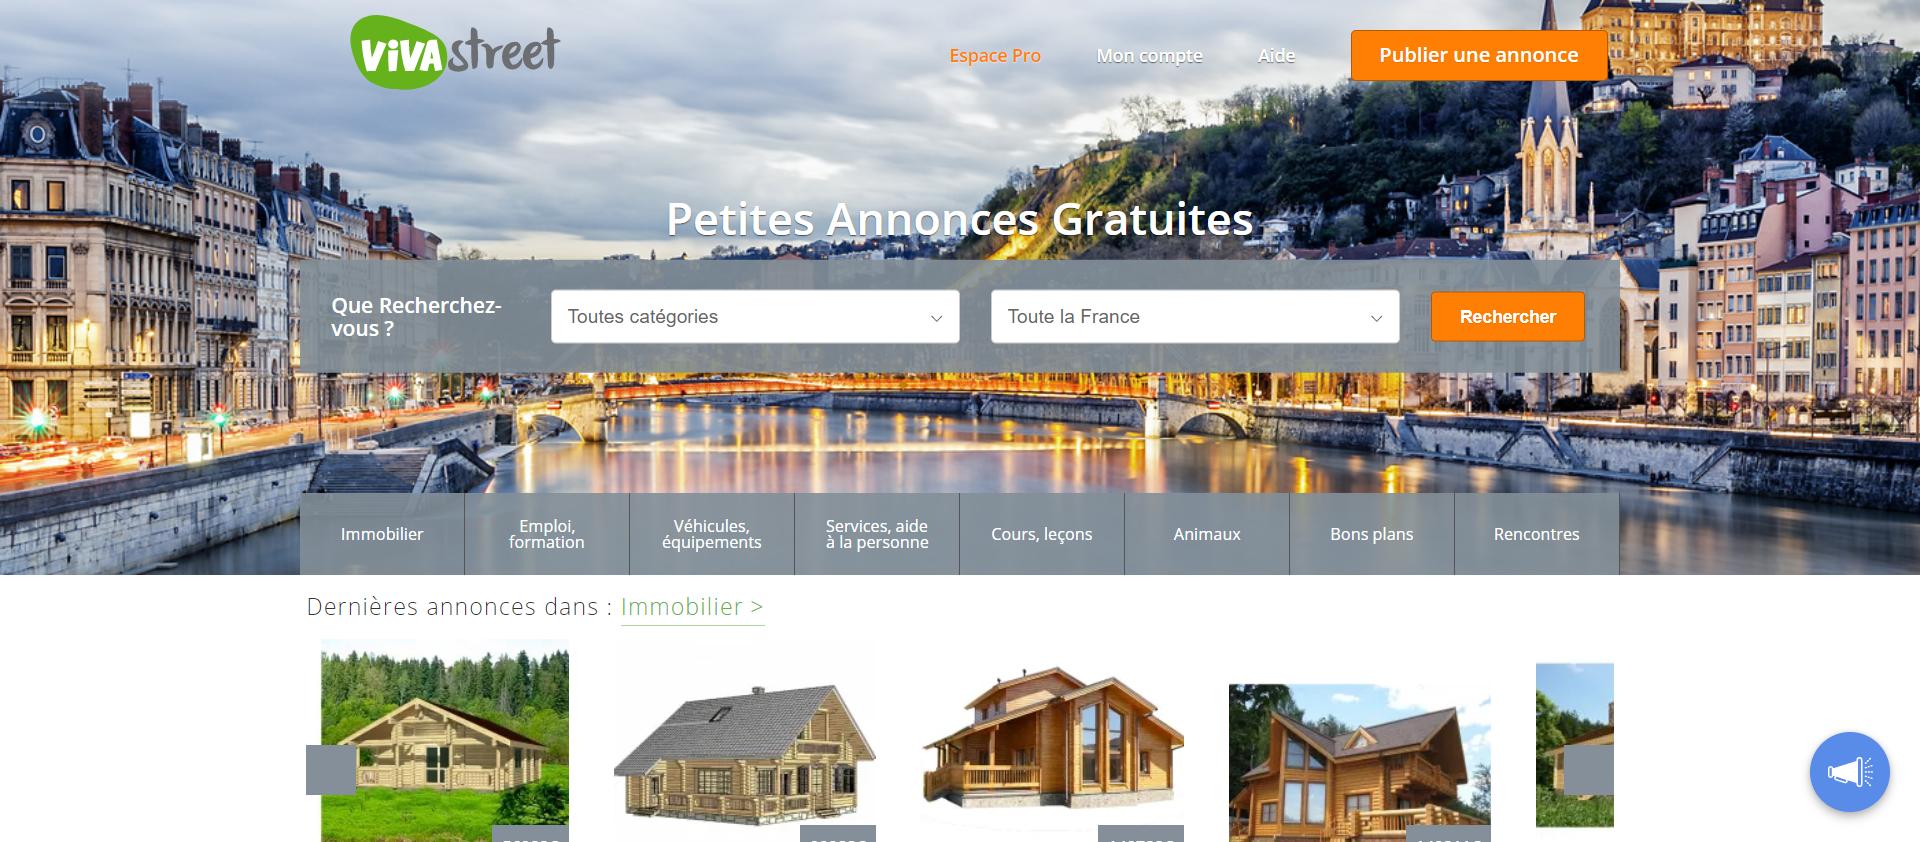 interface vivastreet.com - Petites Annonces Gratuites _ Emploi , Animaux, Services, Immobilier